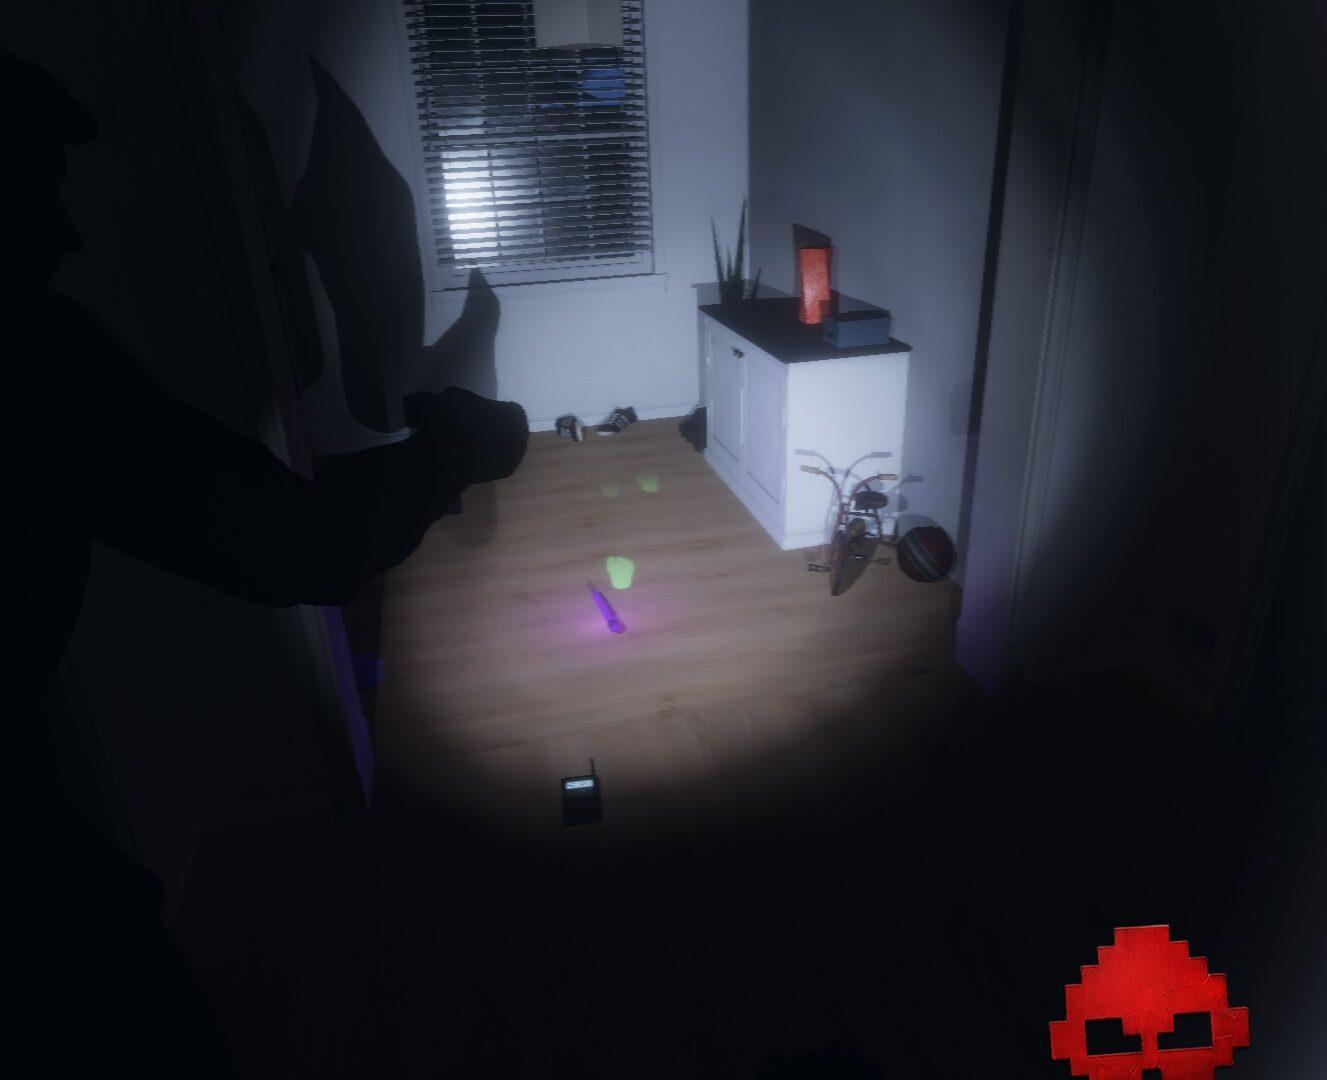 Certains fantômes marchent au sol, d'autres non.